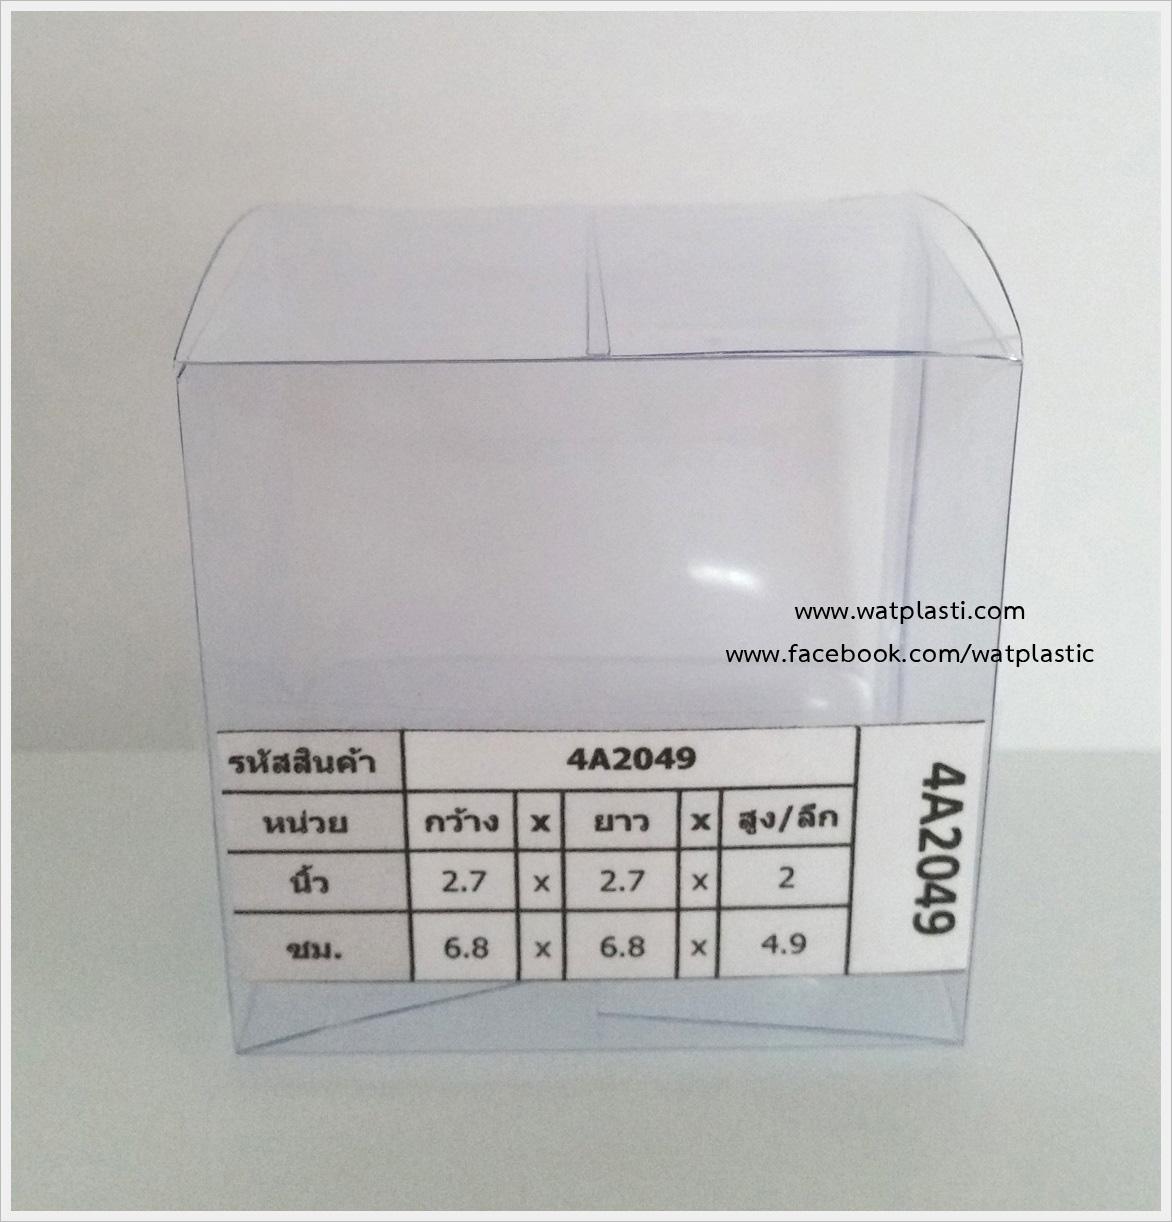 กล่องสบู่-ทรงจตุรัส ขนาด 6.8 x 6.8 x 4.9 cm